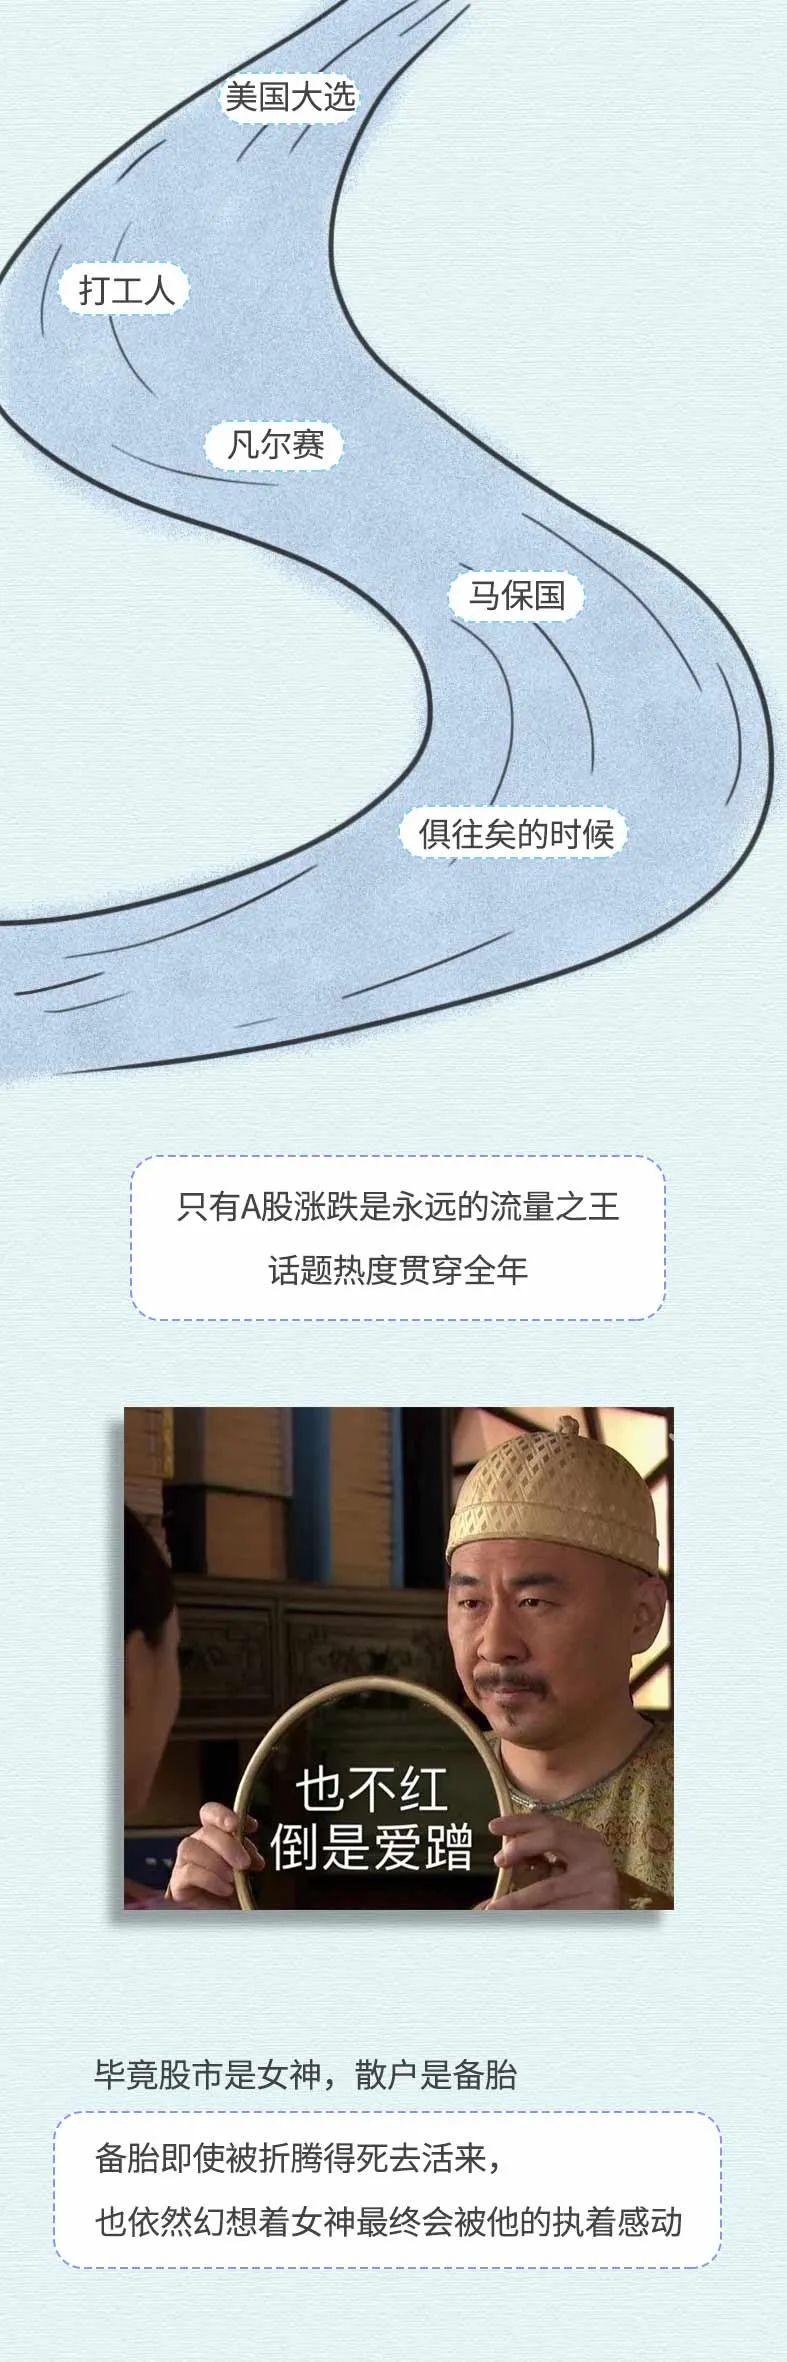 中国真正的科技分为浓香型和酱香型